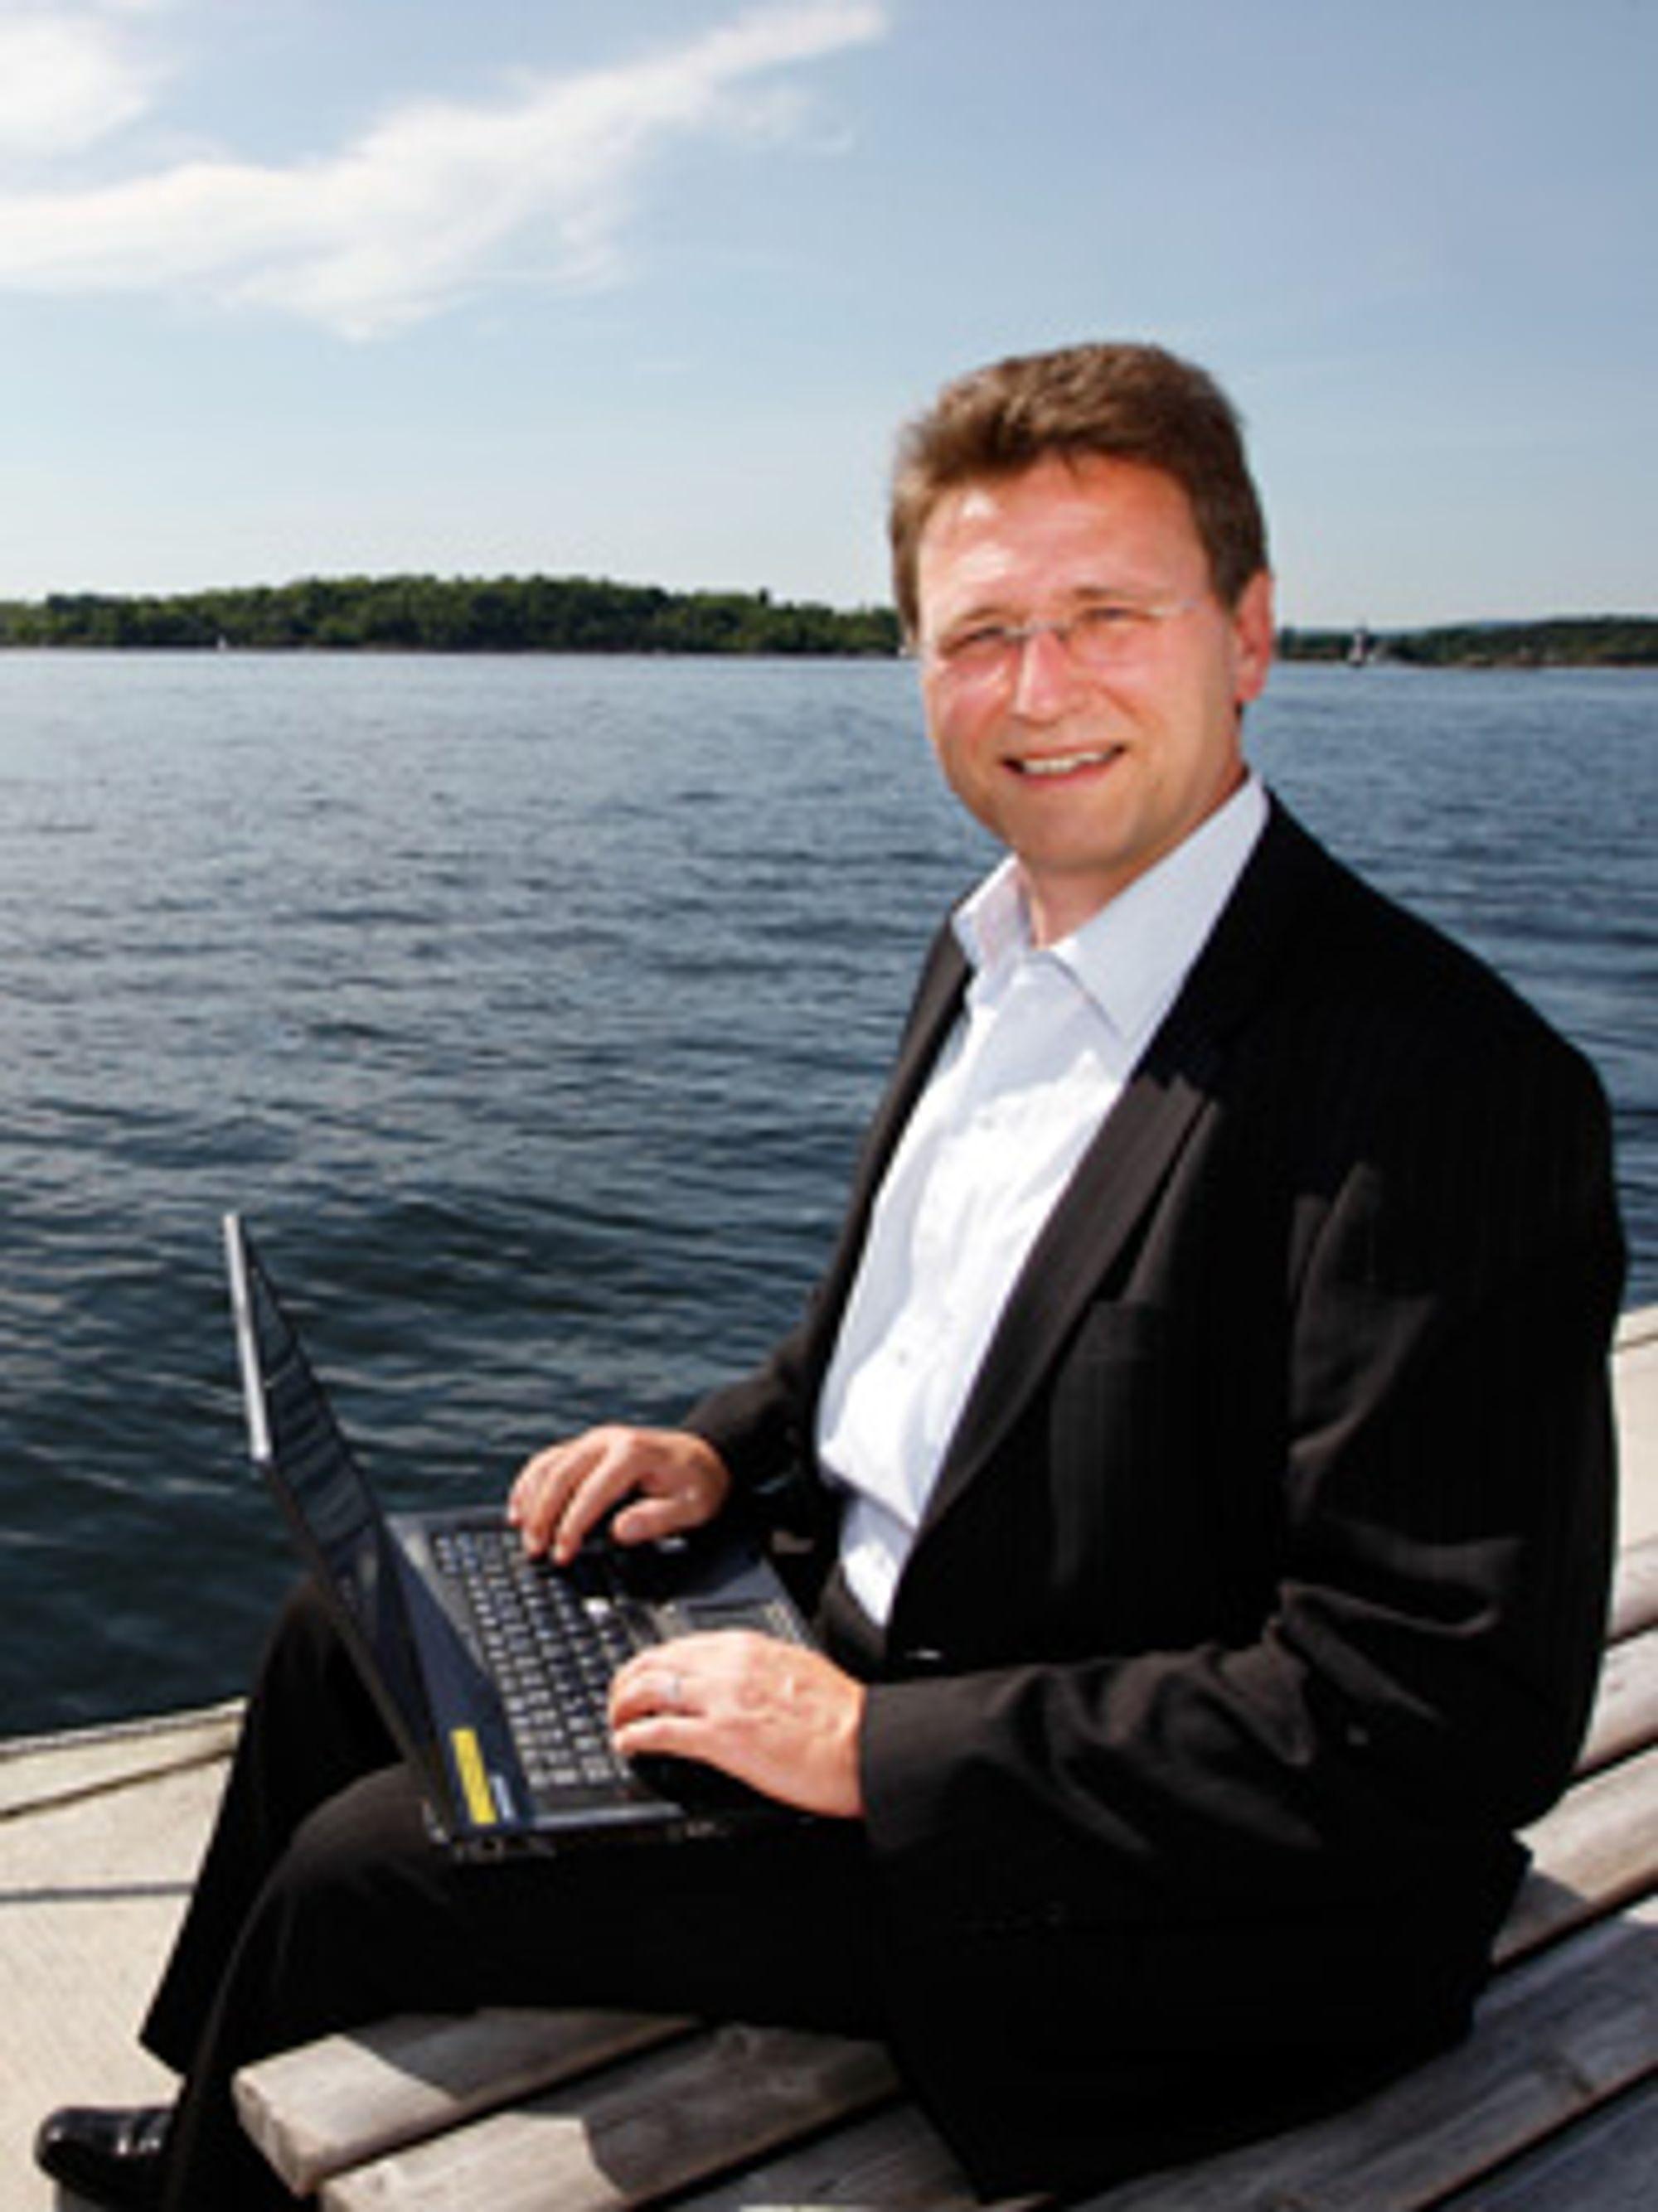 Matthias Peter sier at Boomer Cell kan forbedre dekningen, spesielt til sjøs.